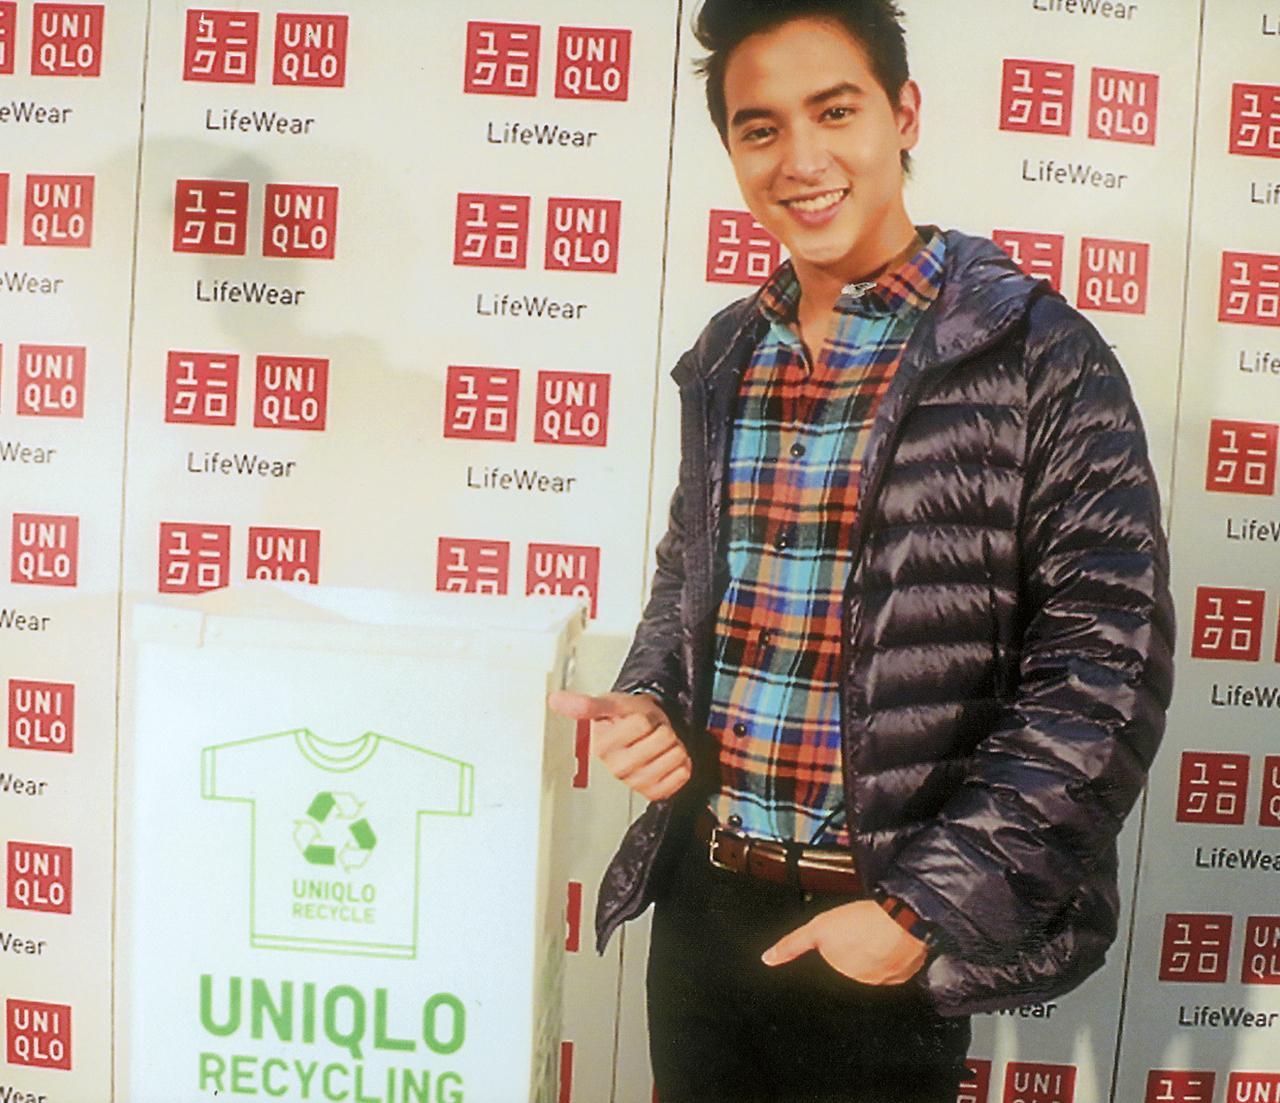 ยูนิโคล่ ชวนบริจาคเสื้อผ้าหนาวสภาพดี เพื่อส่งให้มูลนิธิสิกขาเอเชีย